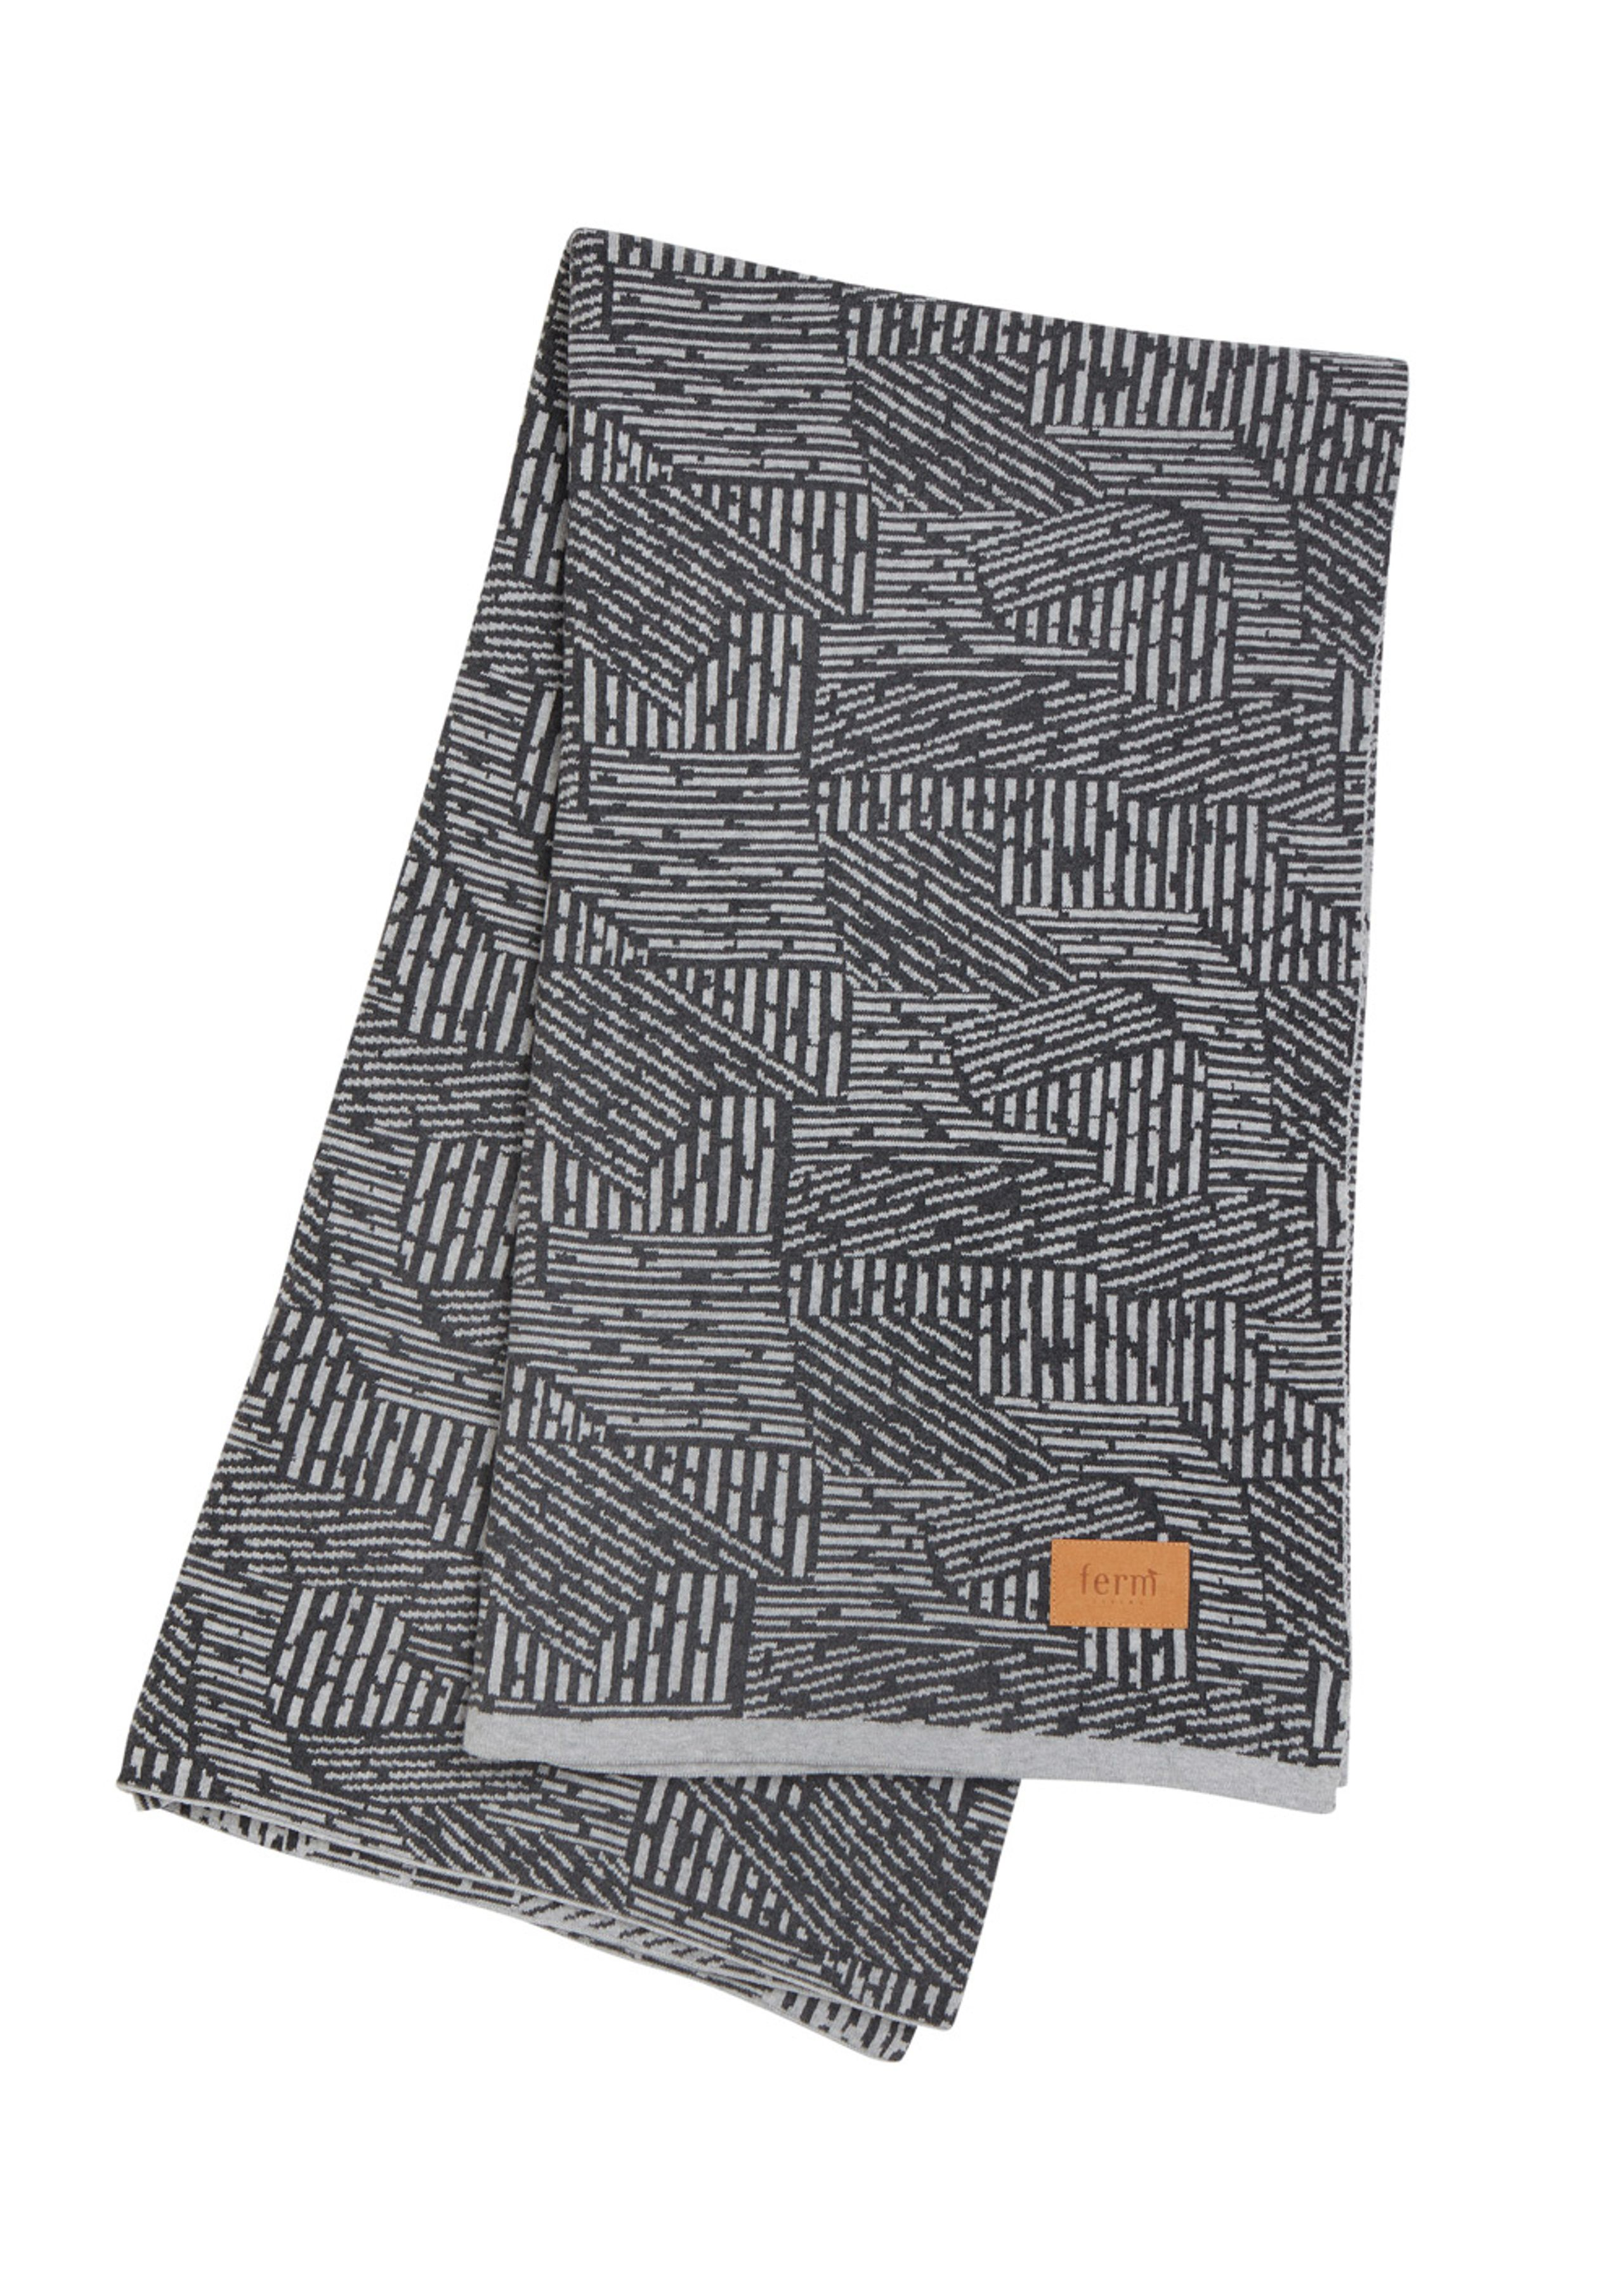 Maze blanket